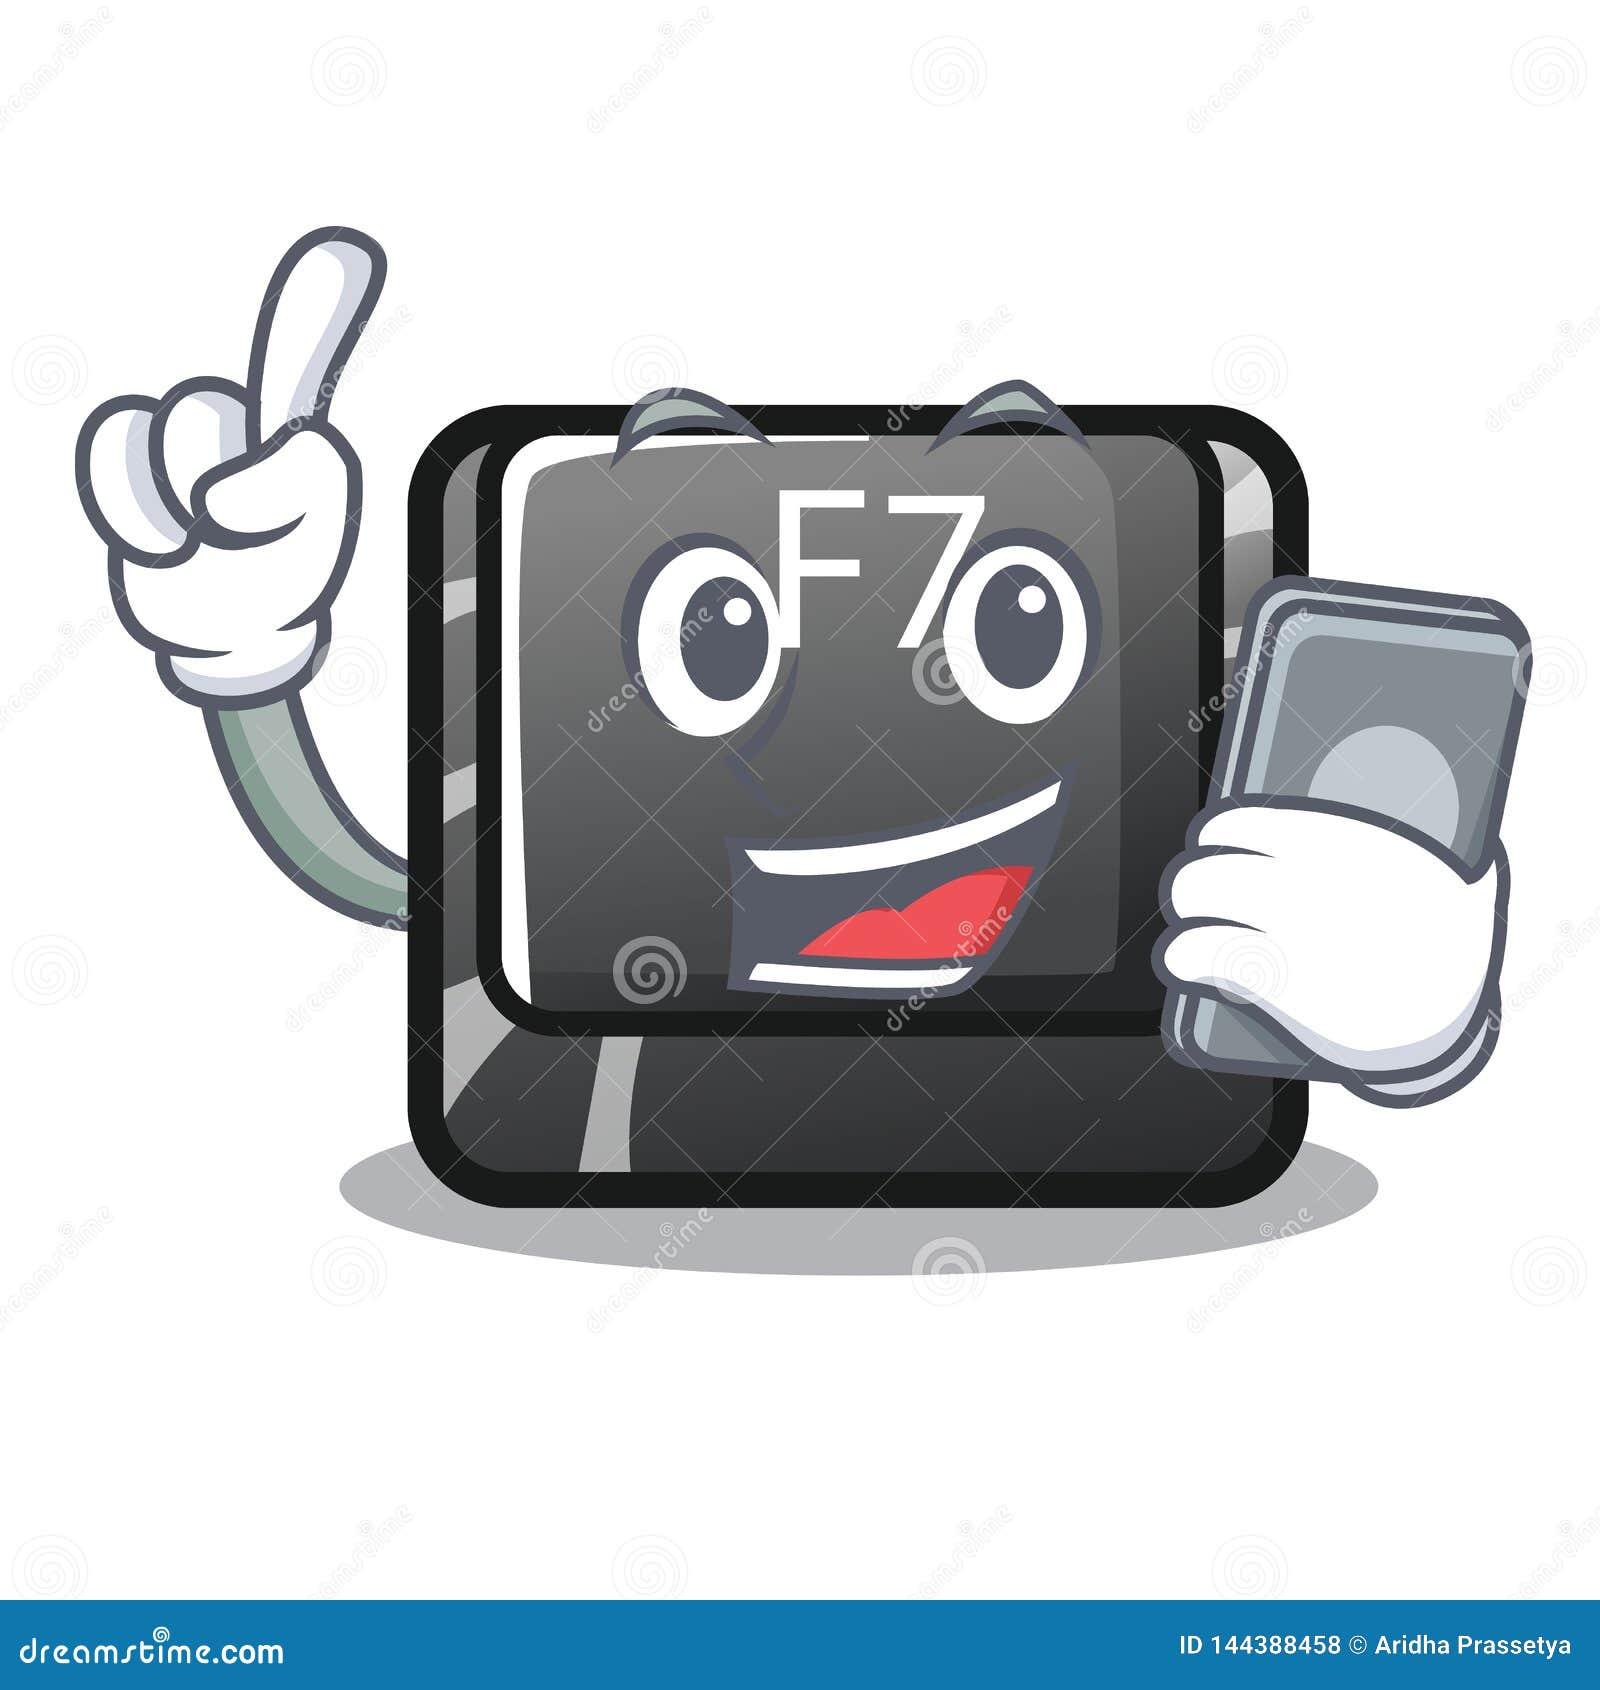 Le bouton du téléphone f7 étant installé sur le clavier de bande dessinée